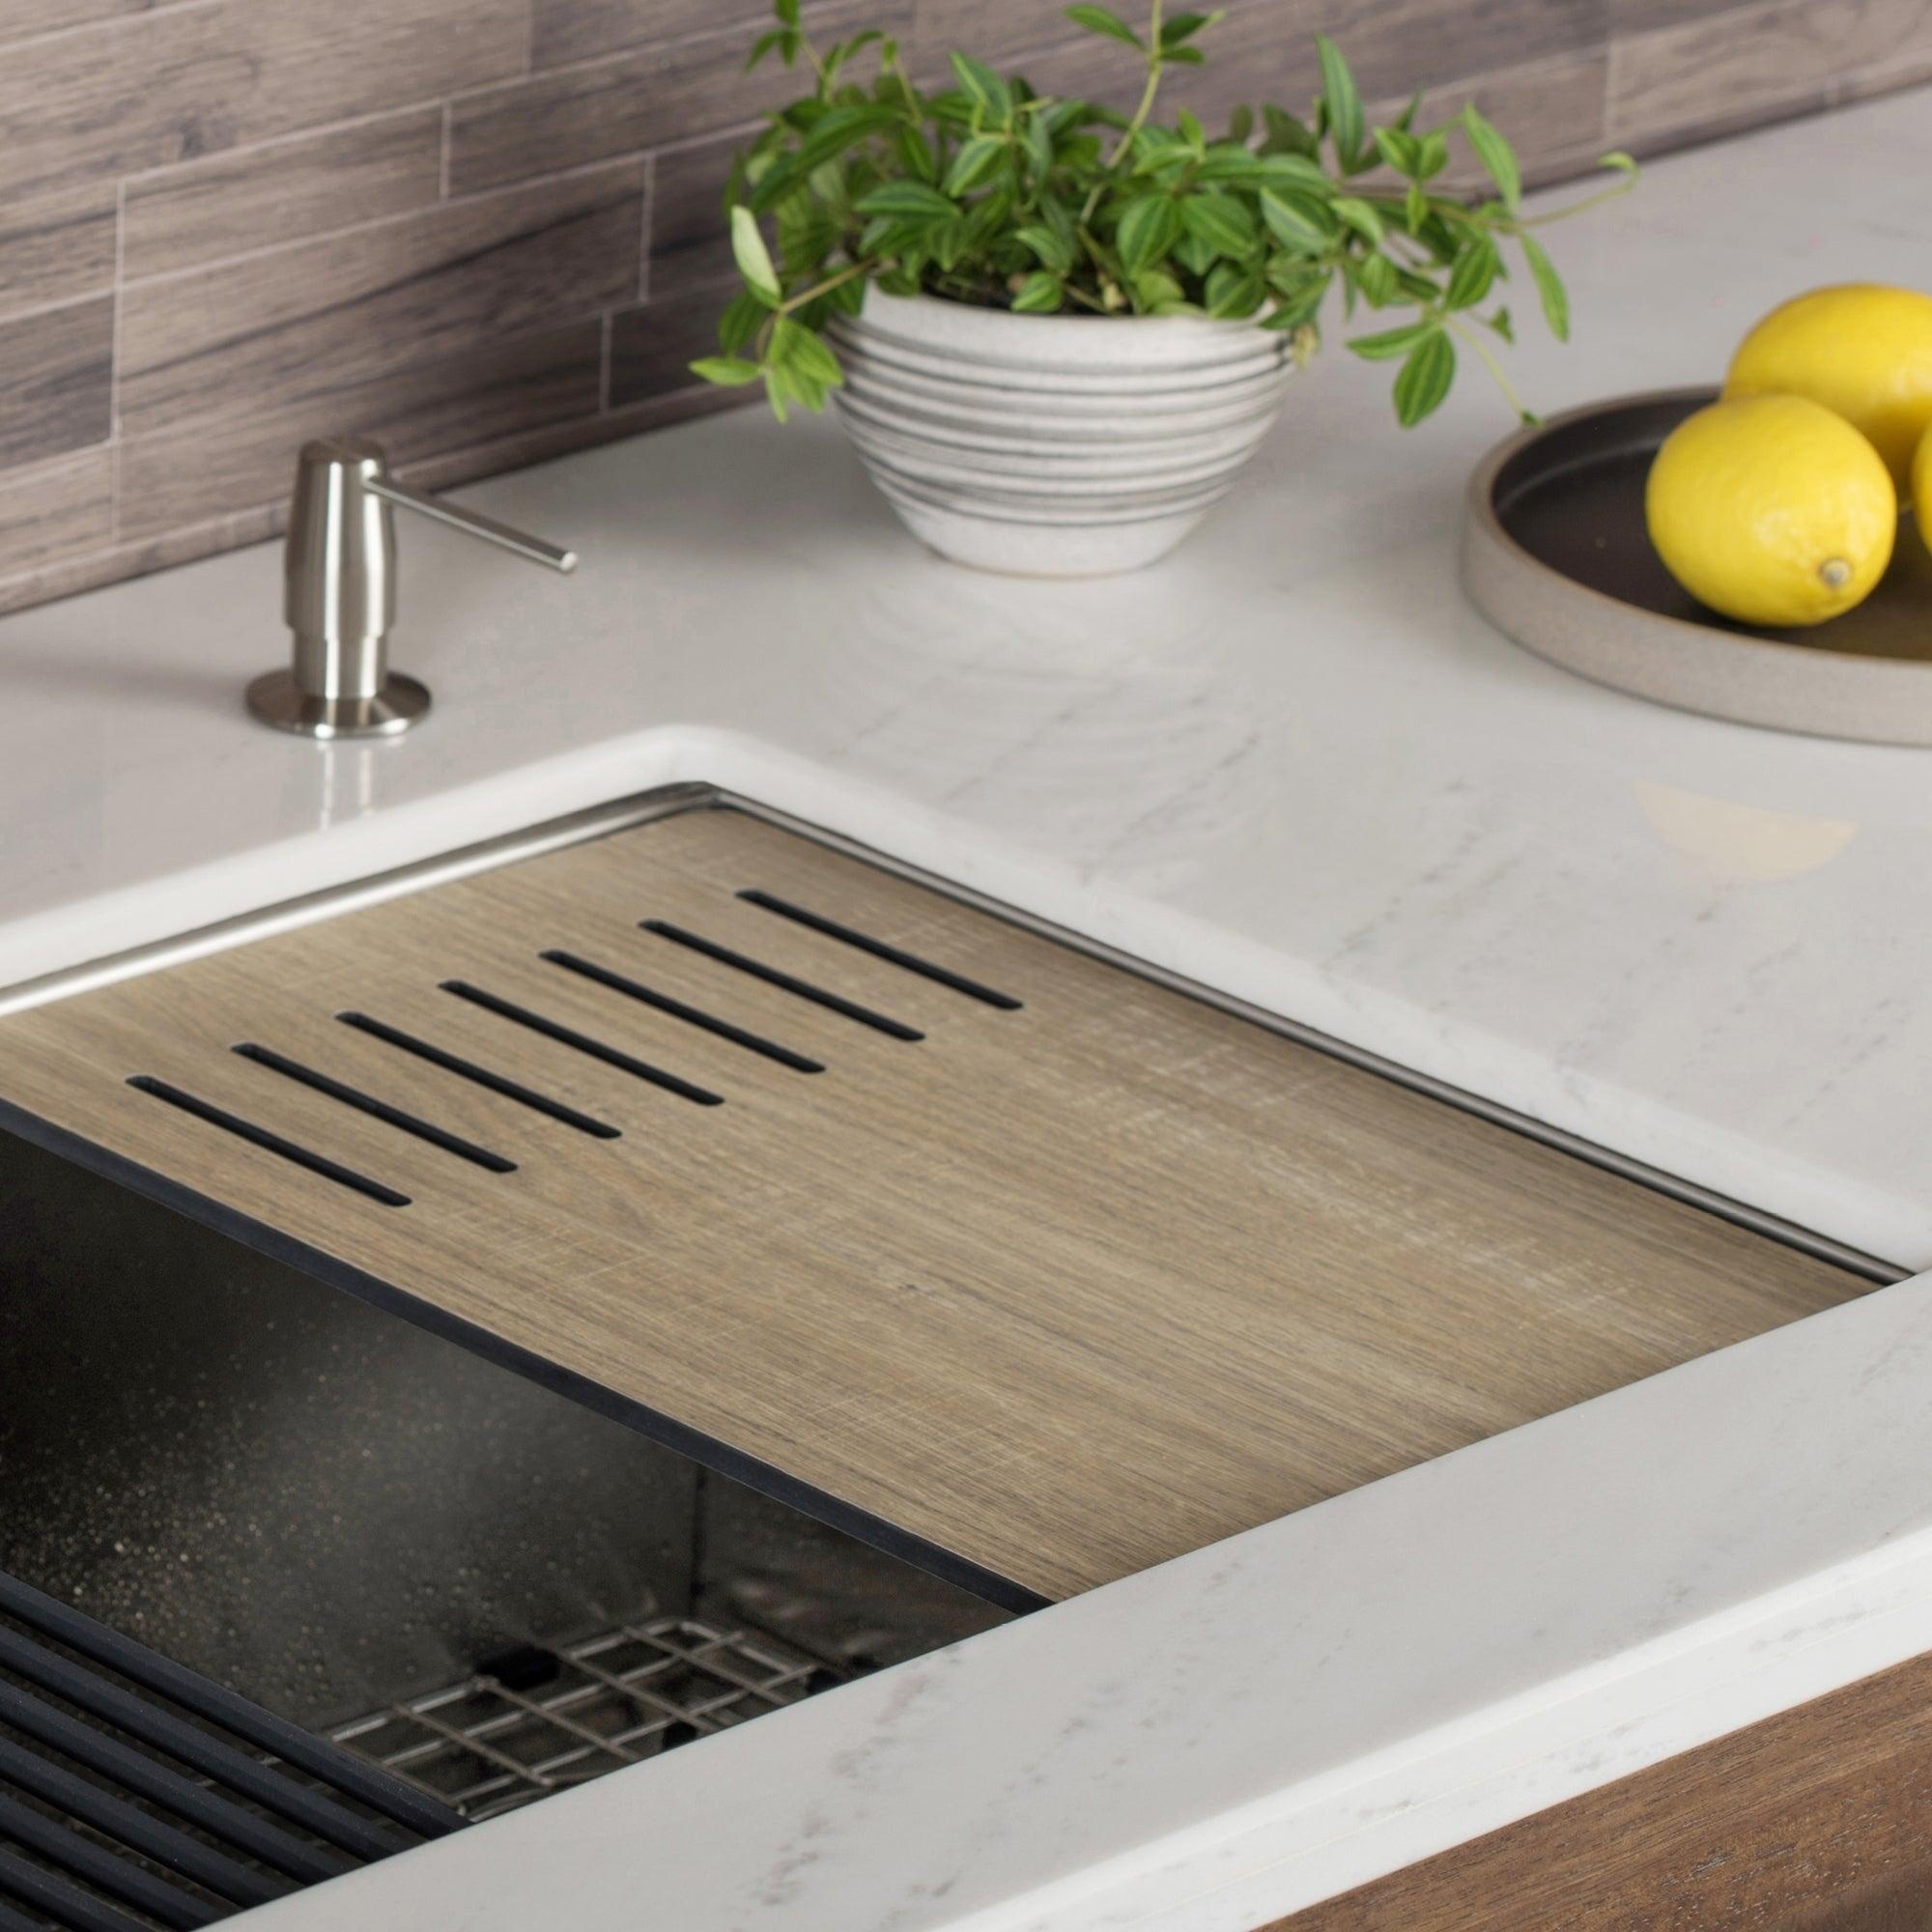 KRAUS Workstation Kitchen Sink Wood Grain Composite Cutting Board